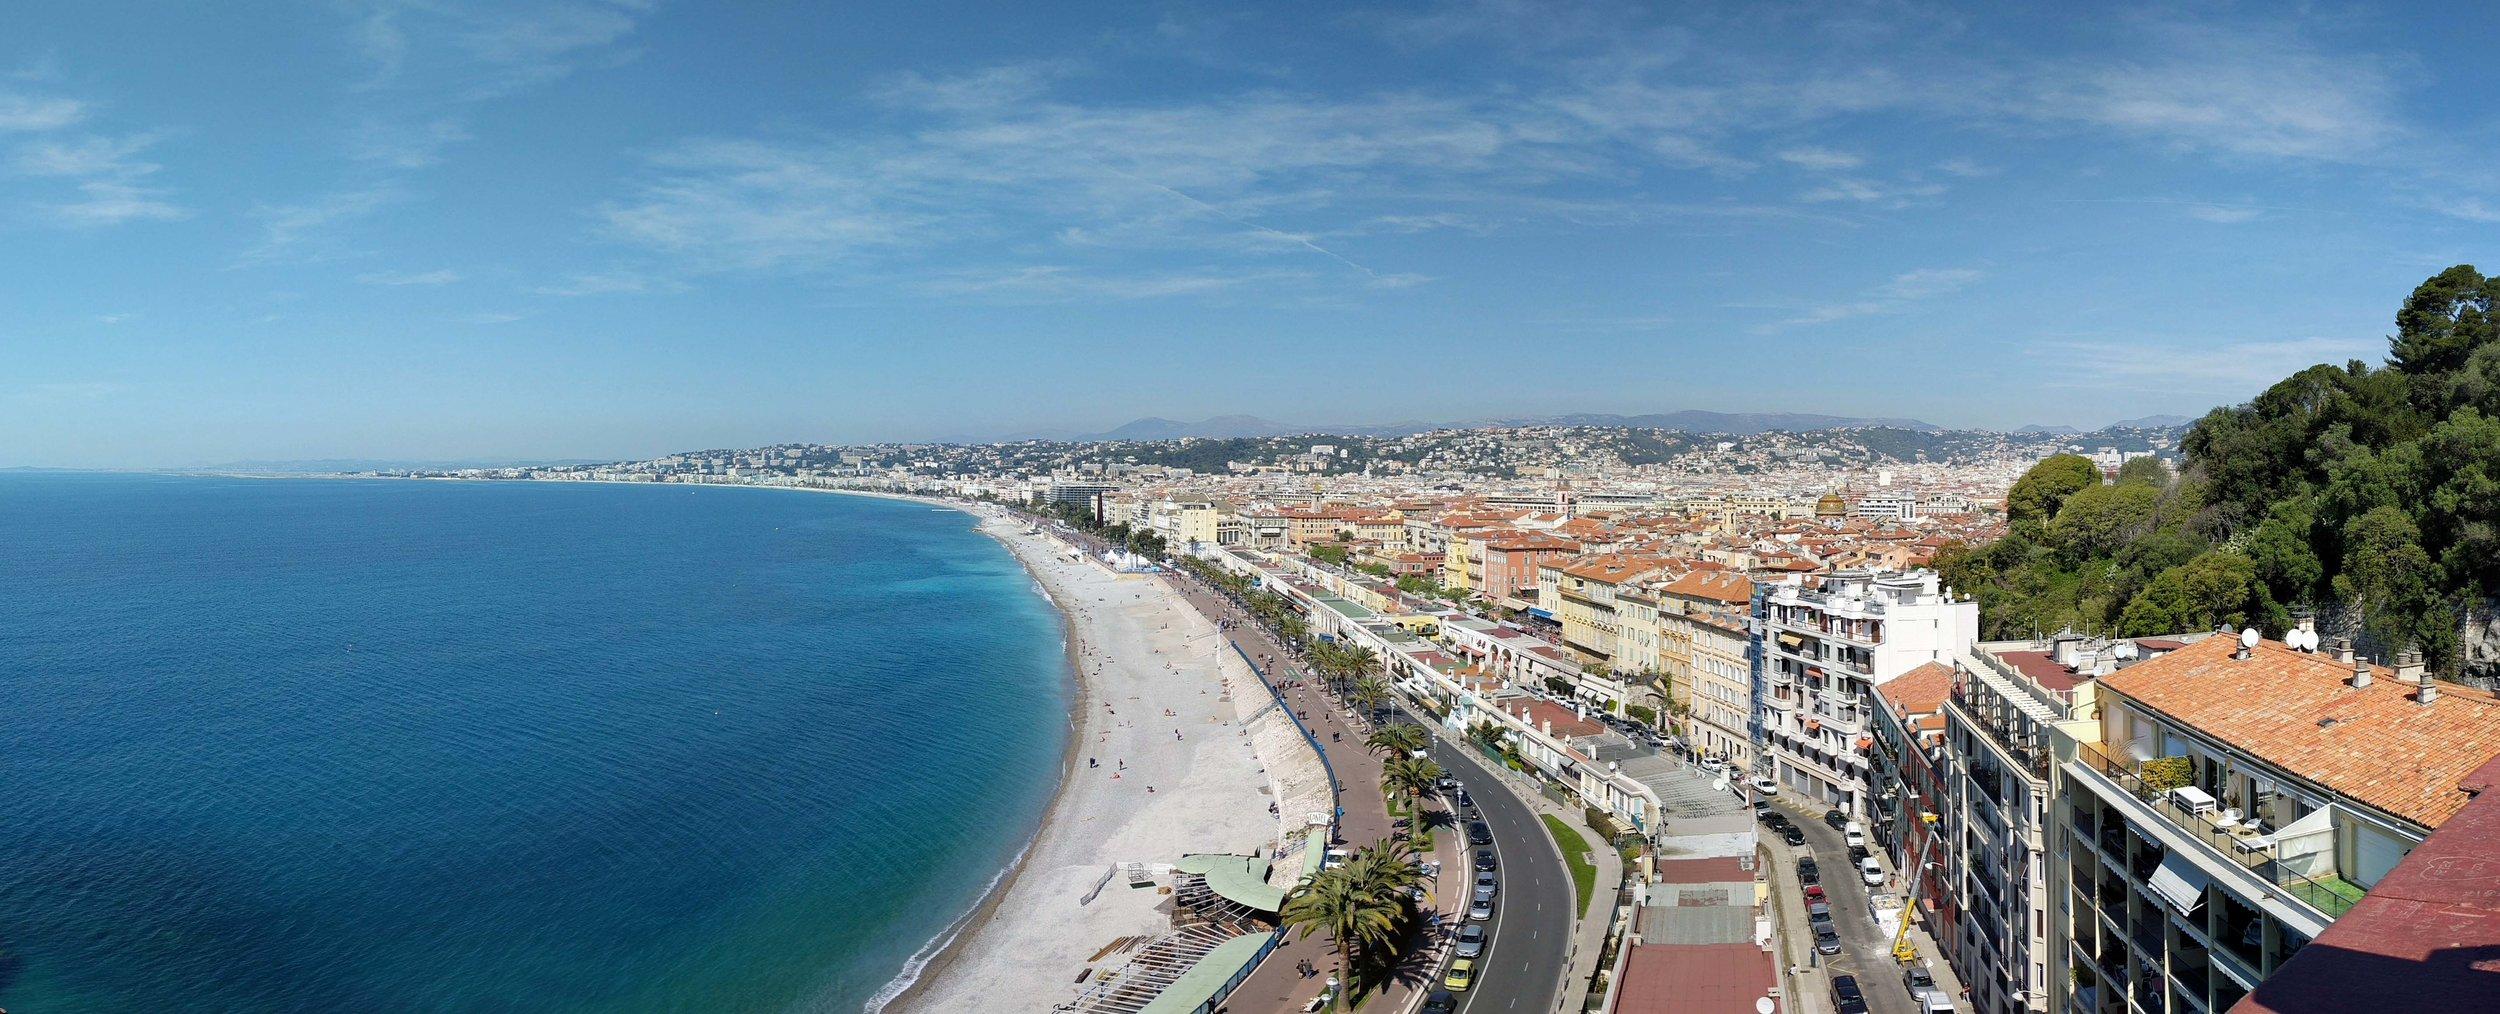 The amazing coastline in Nice